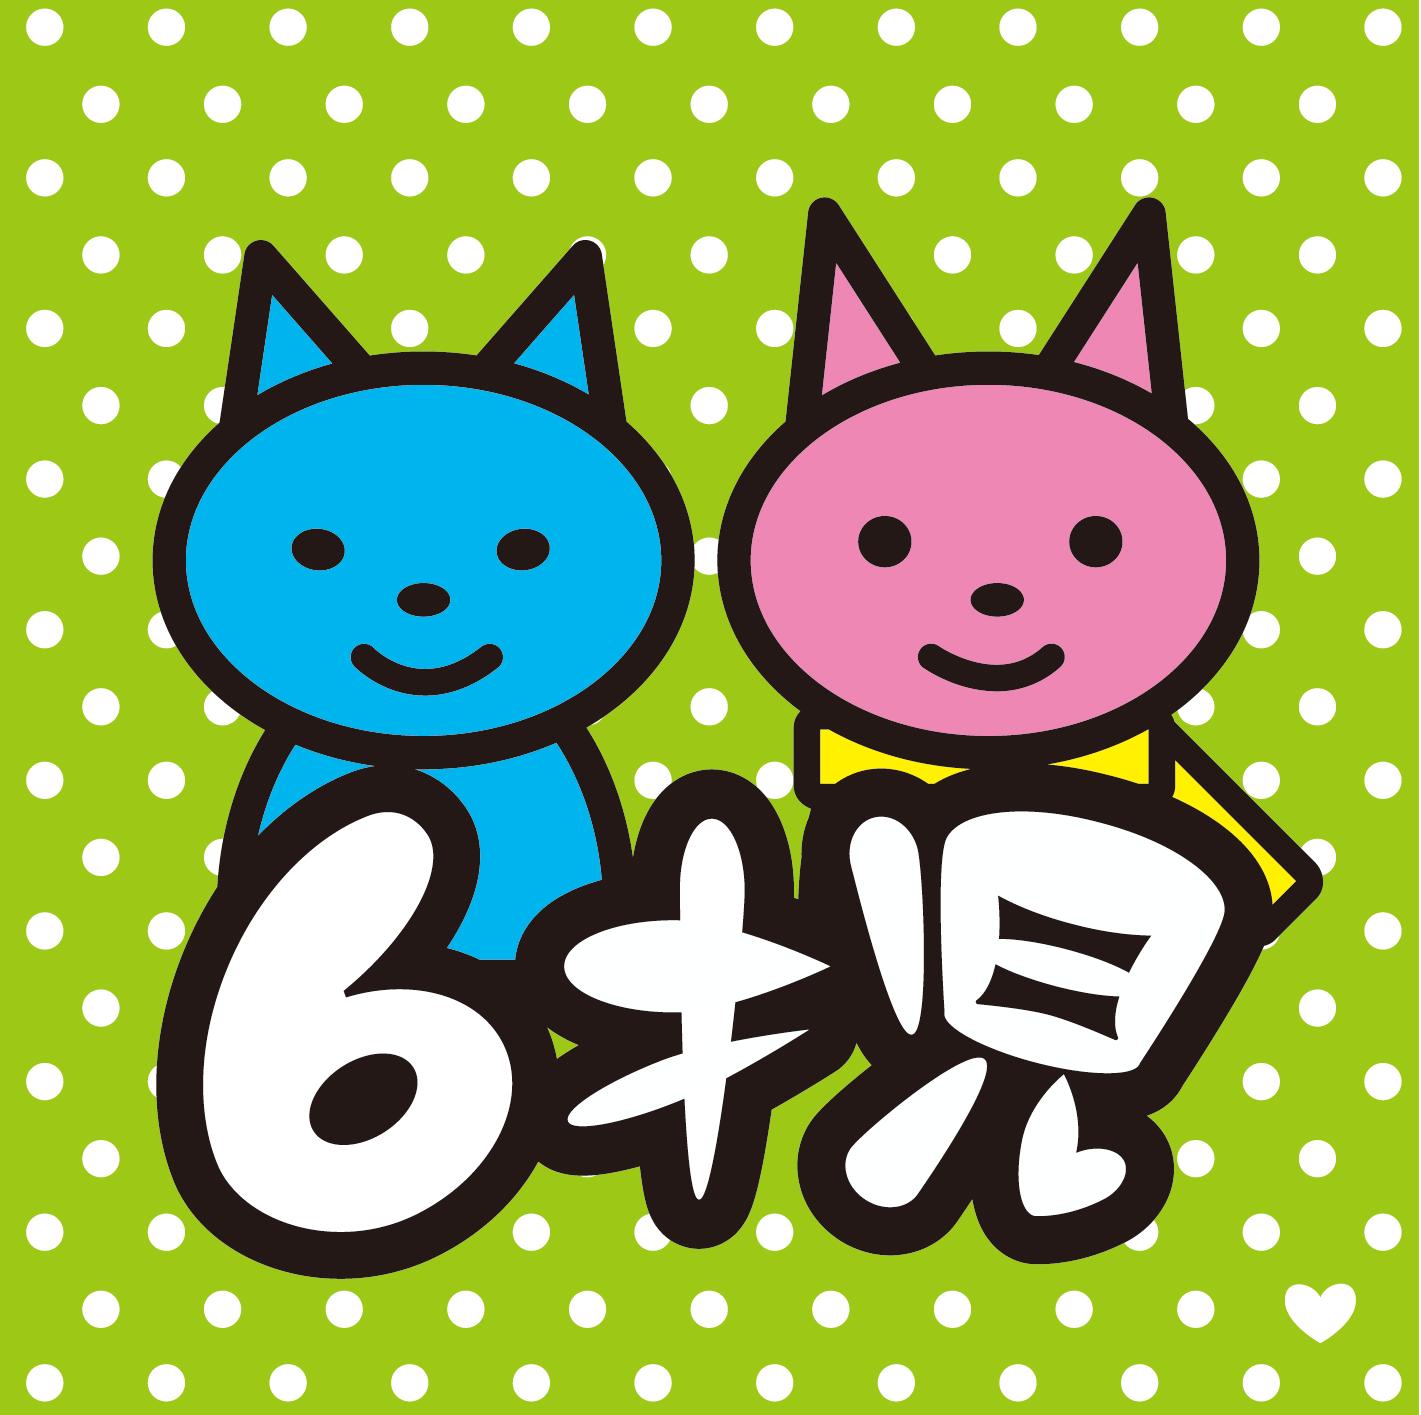 6才児_6才児